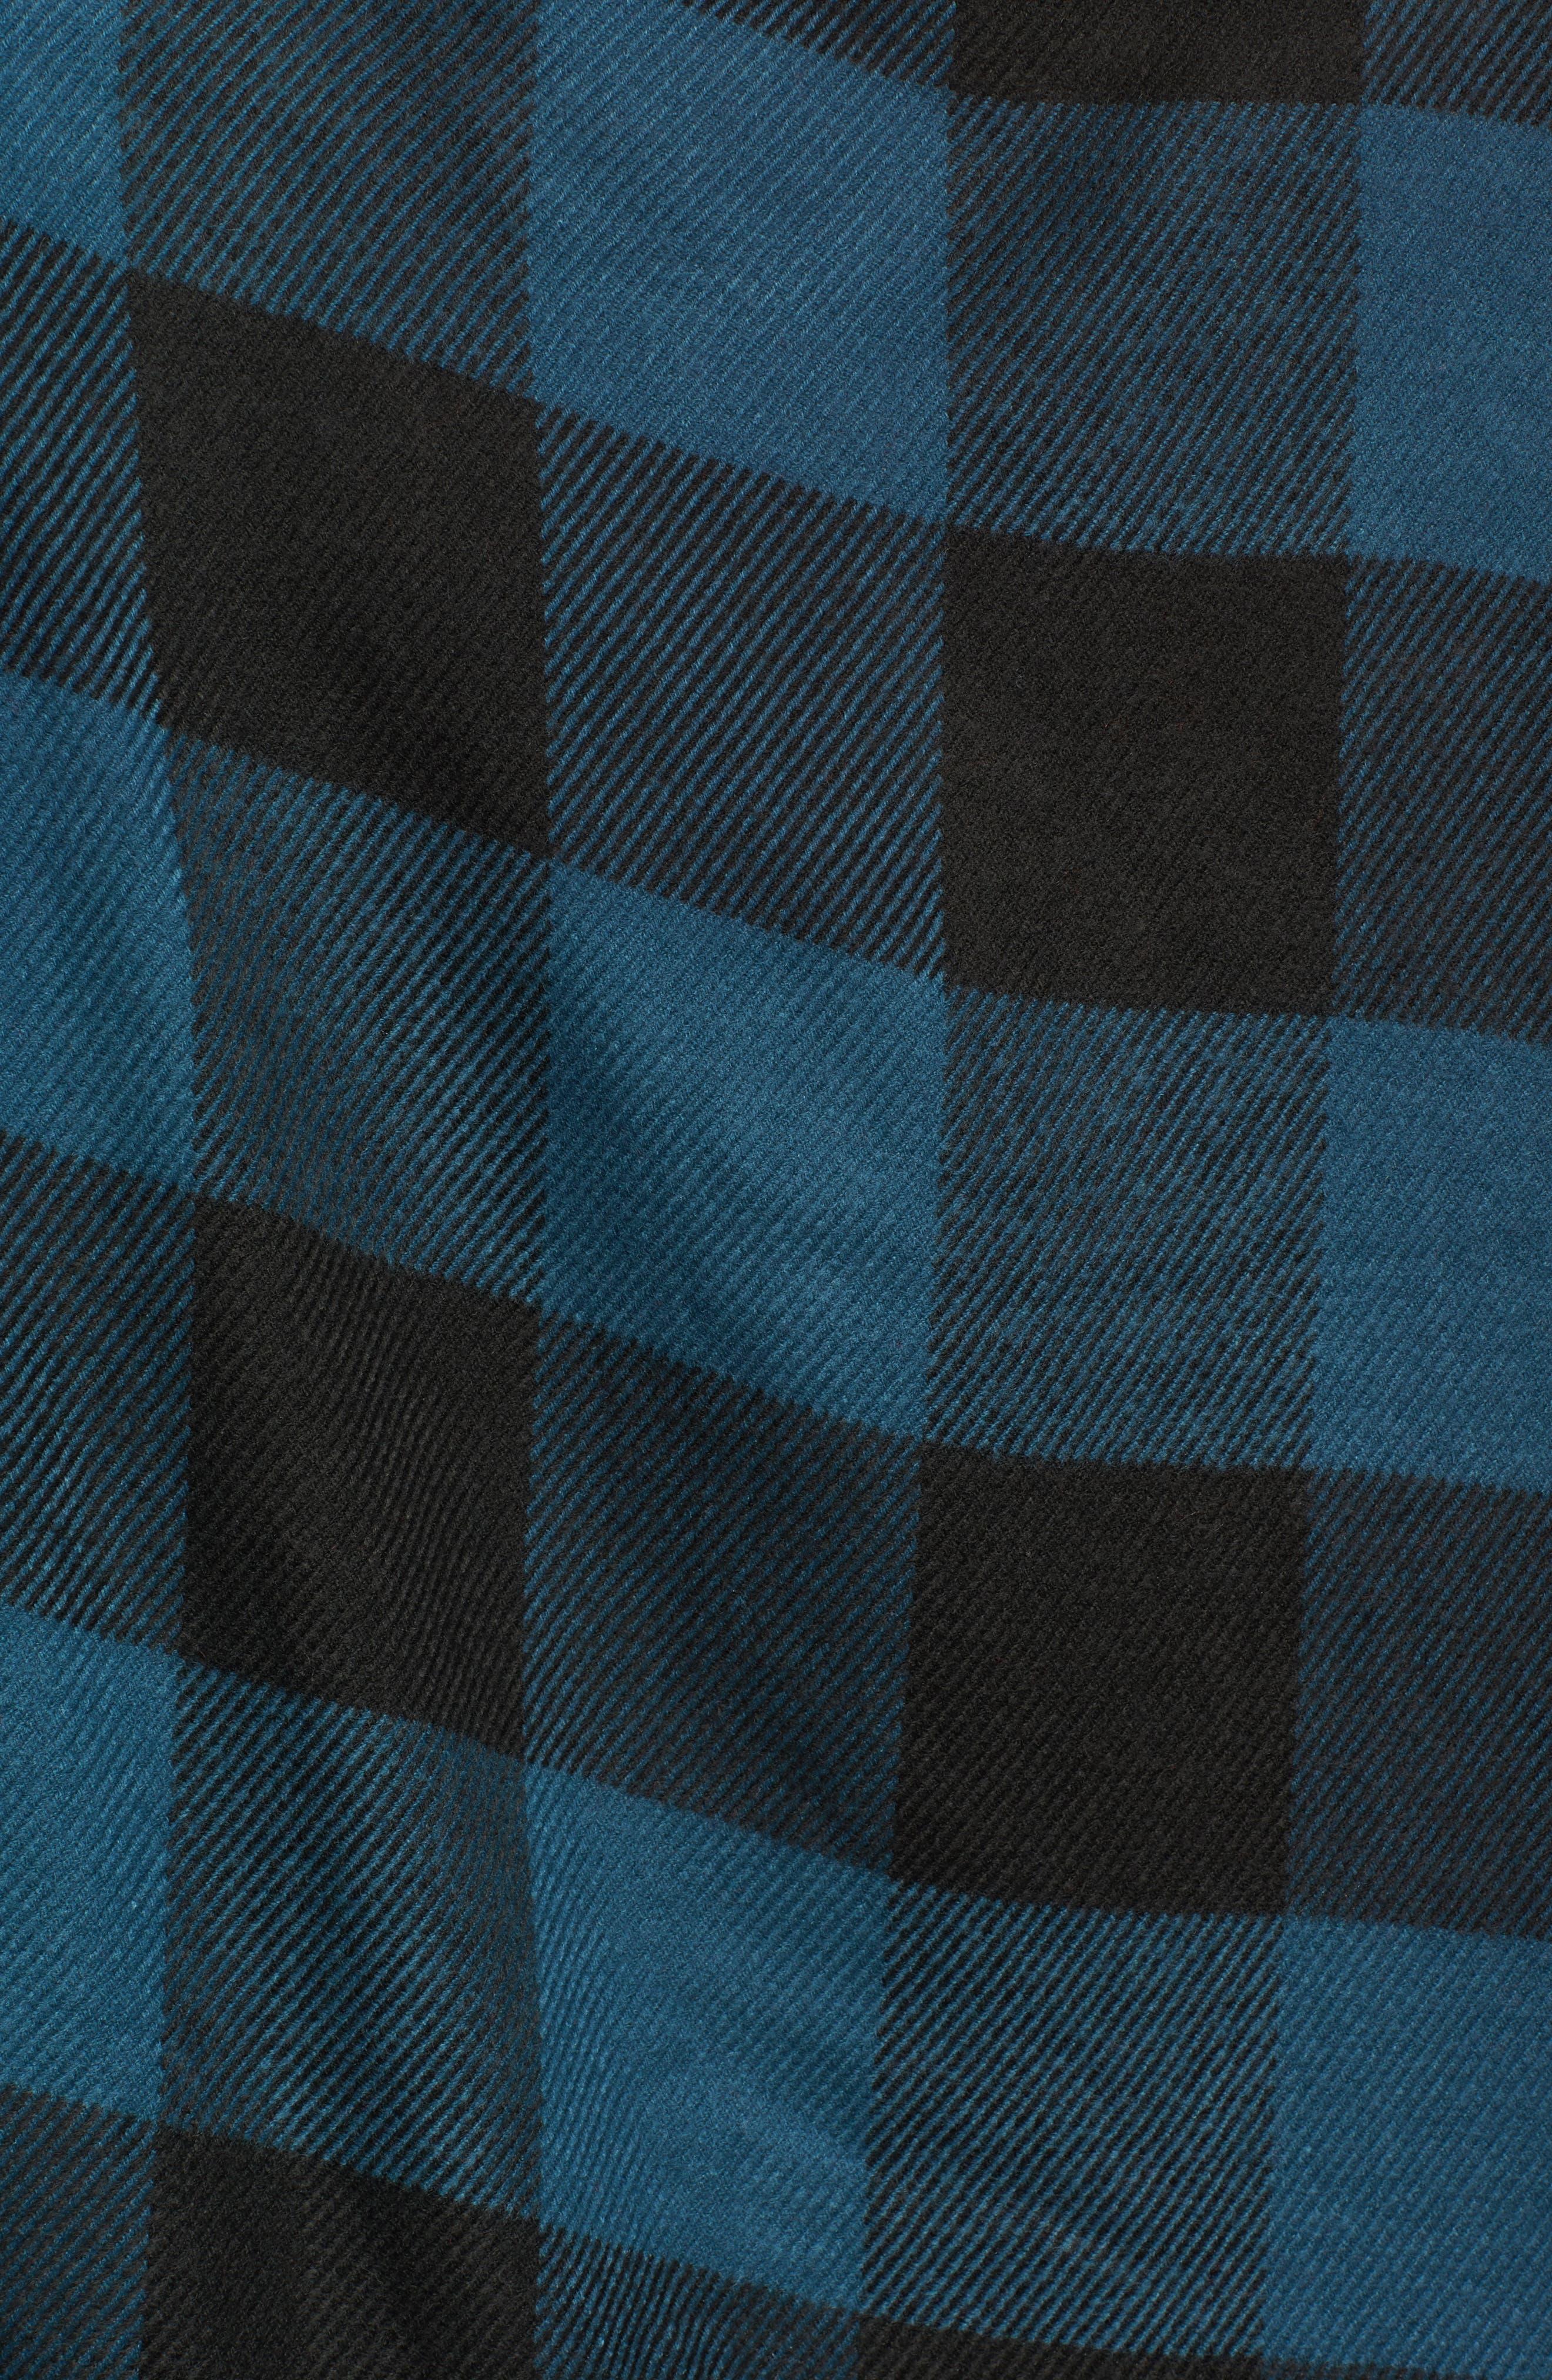 Woven Buffalo Check Ruana,                             Alternate thumbnail 6, color,                             Blue Combo